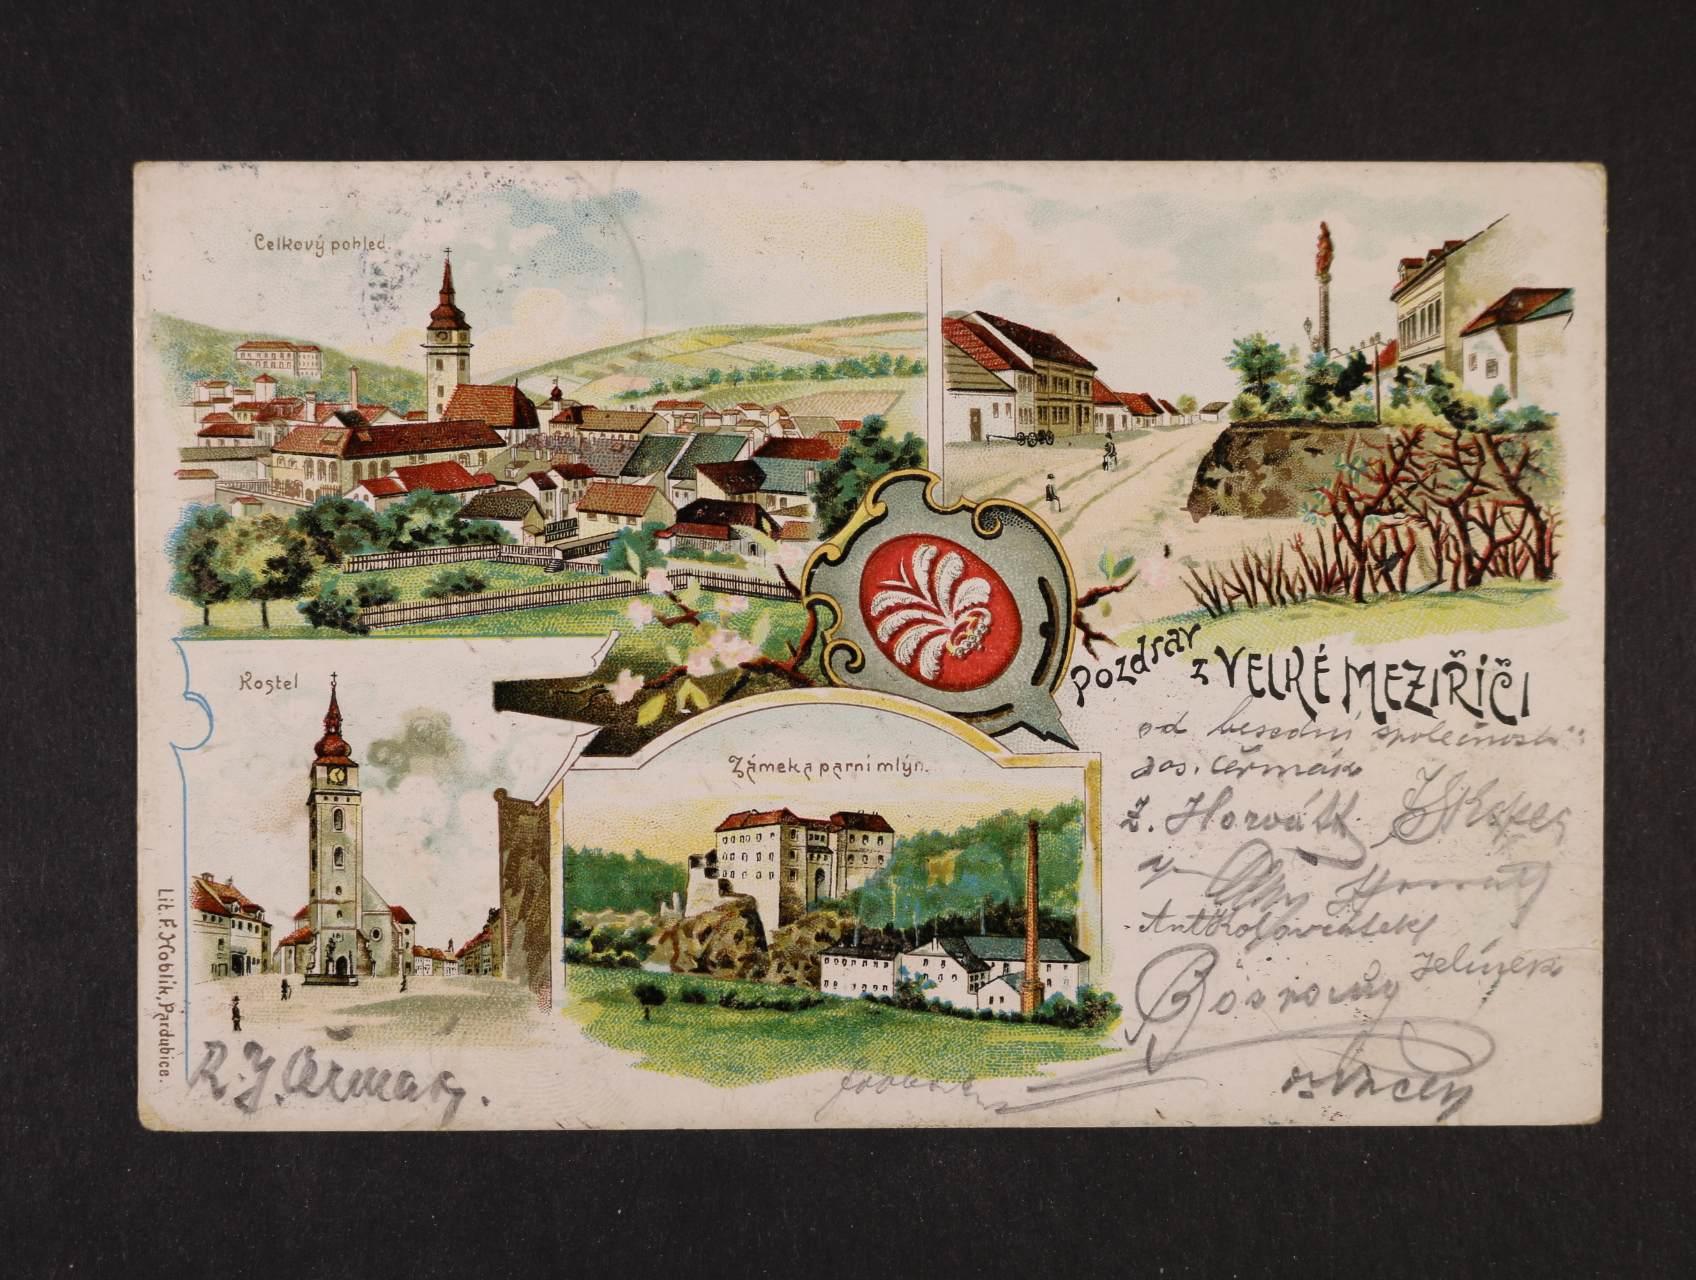 Velké Meziříčí - bar. lotograf. koláž použitá 1904